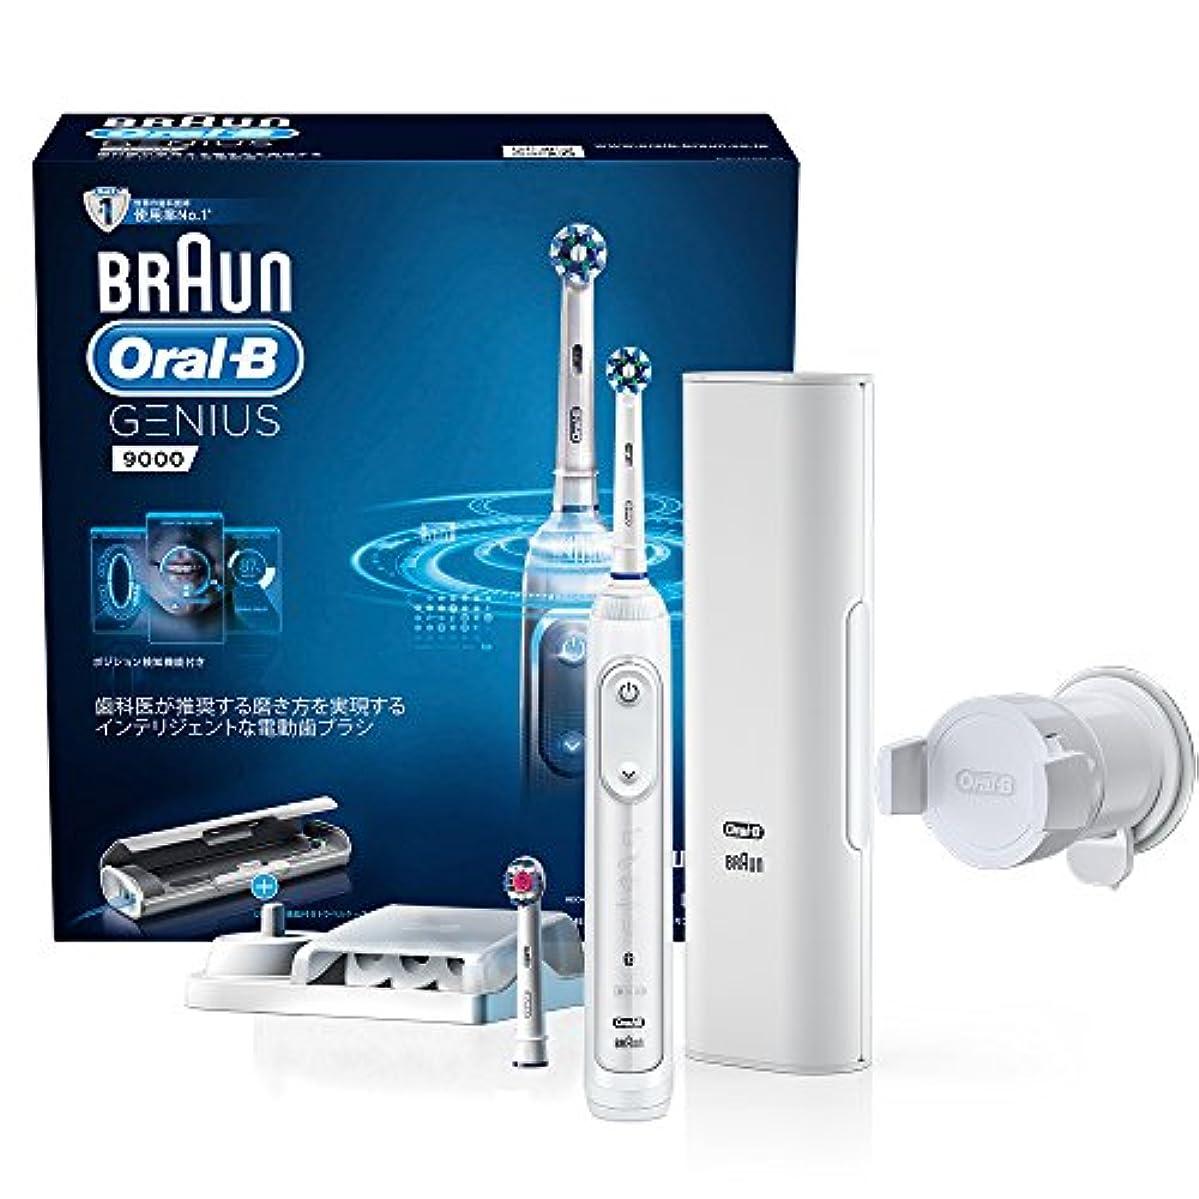 全員刈り取る引退したブラウン オーラルB 電動歯ブラシ ジーニアス 9000 マルチアクション/ホワイトニングブラシ付属 ホワイト D7015256XCWH D7015256XCWH